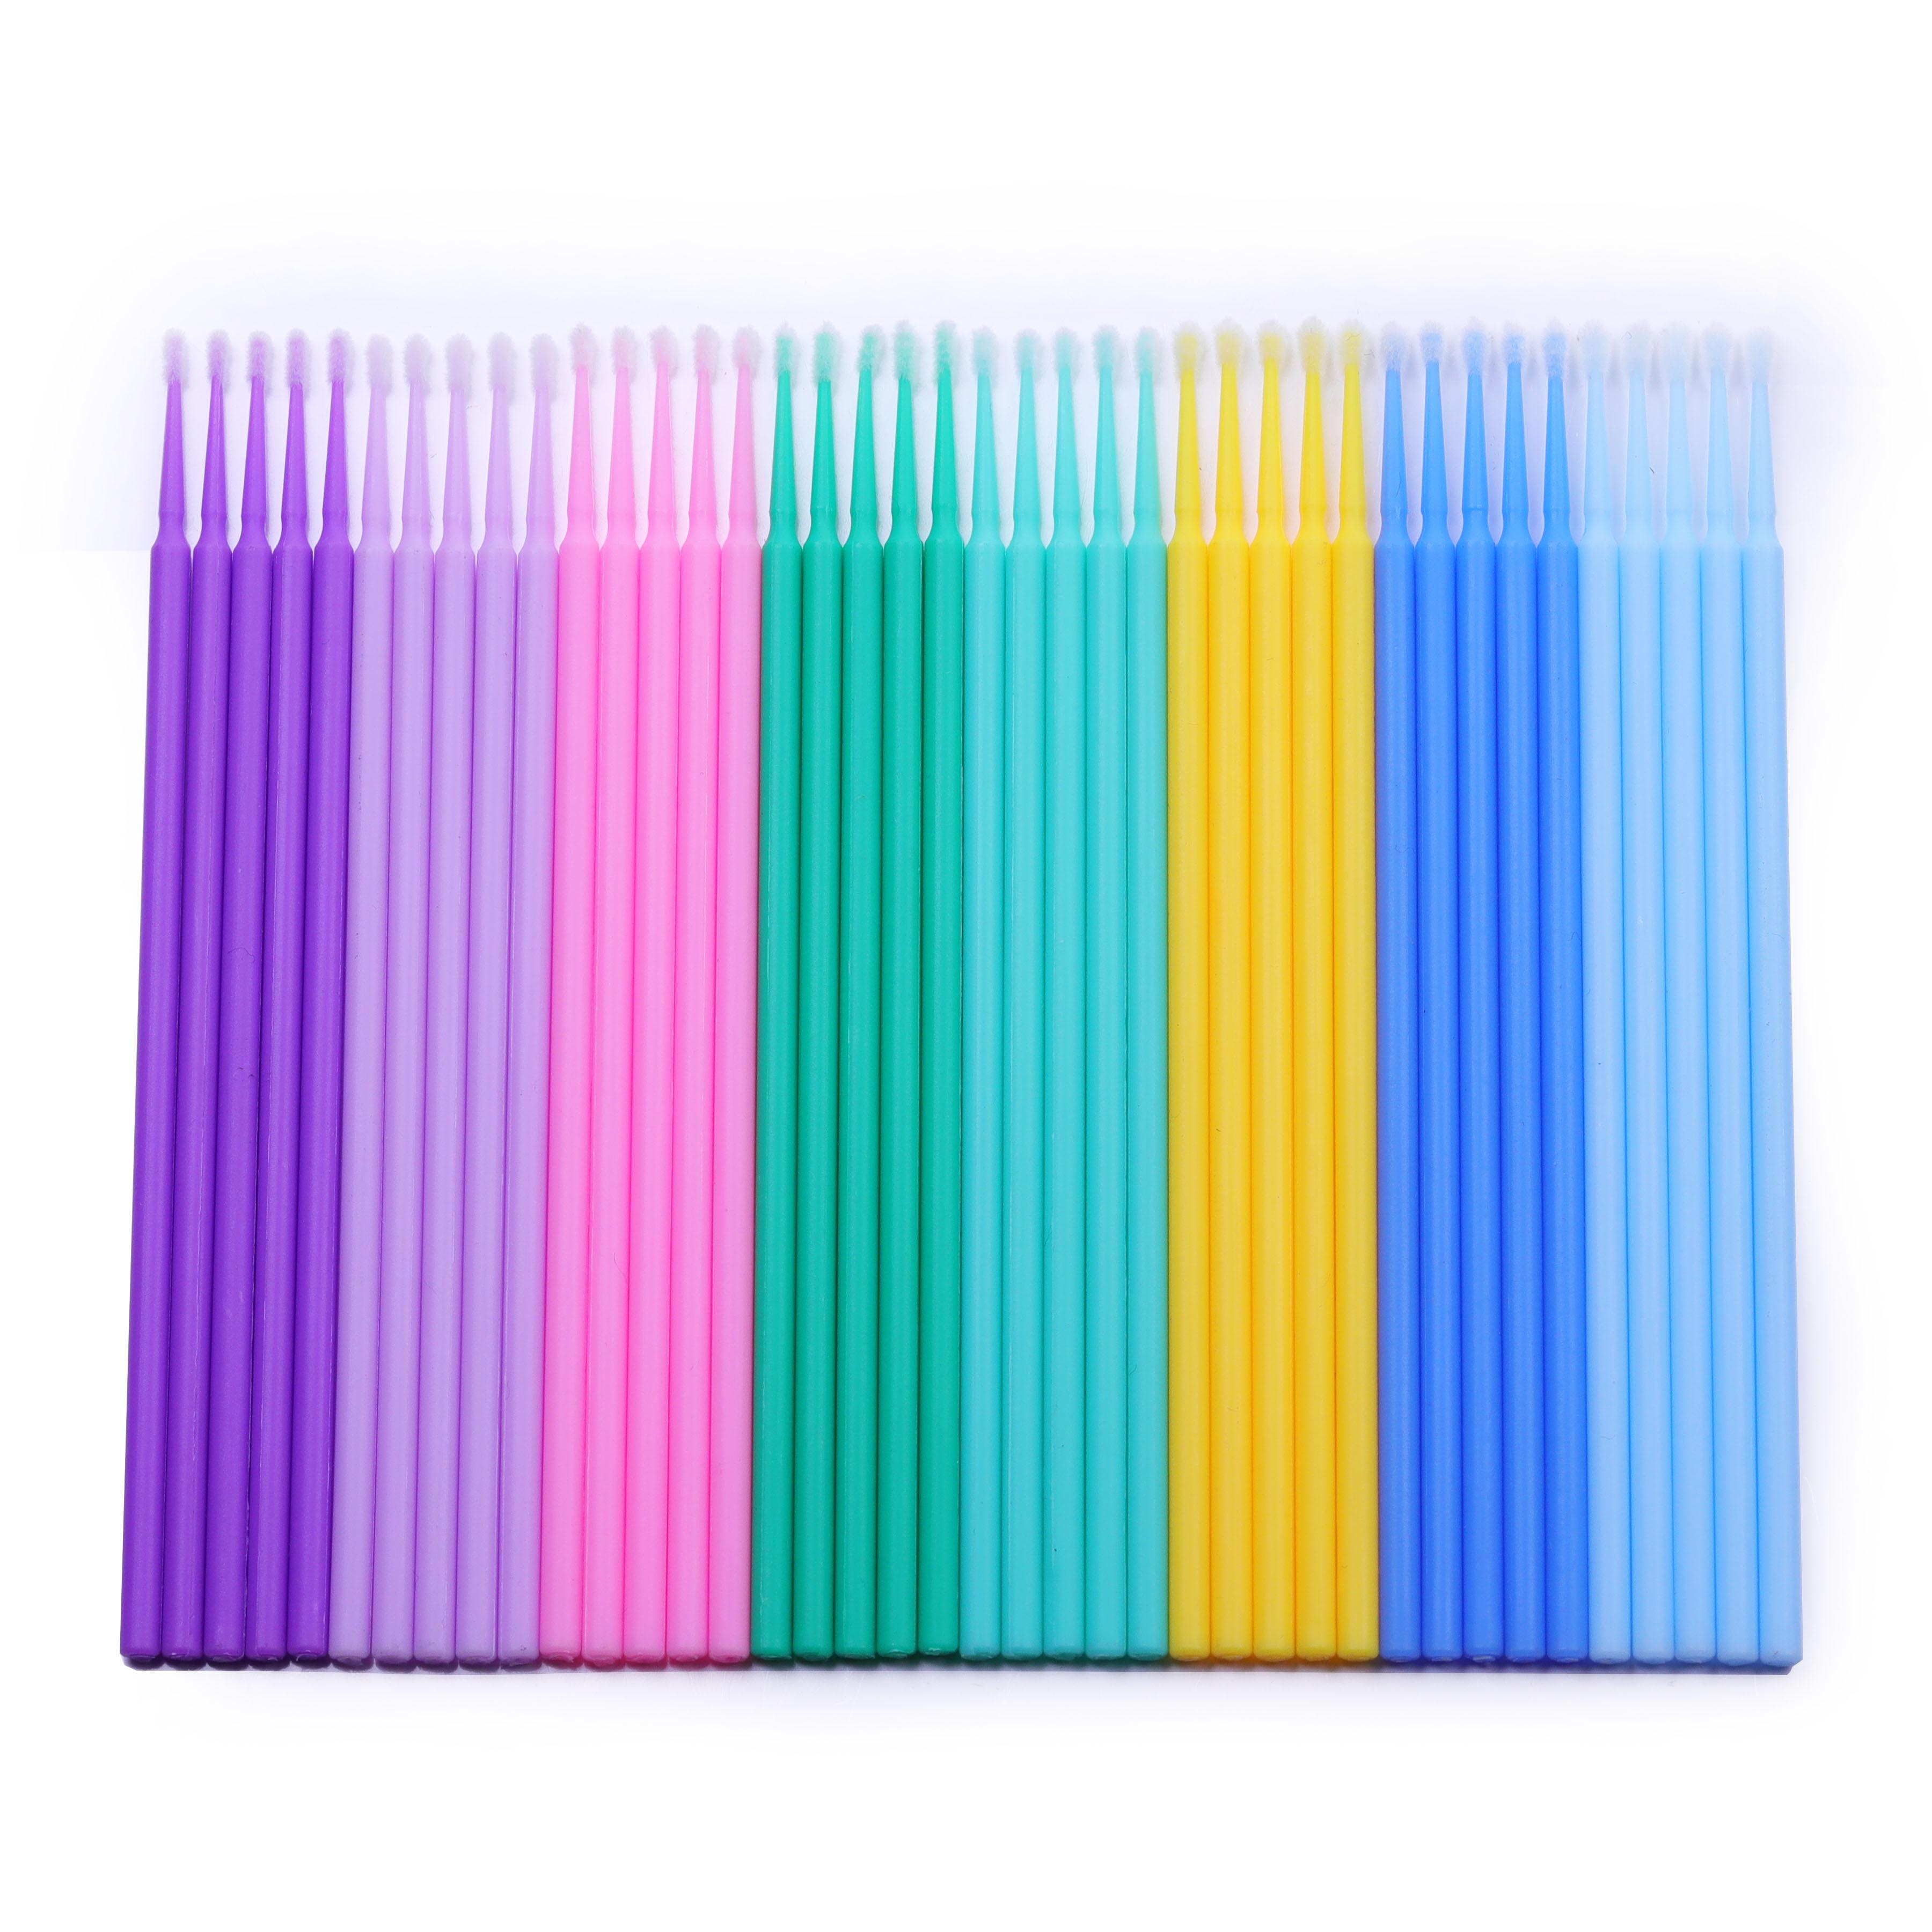 Одноразовые стоматологические ватные палочки для наращивания ресниц, чистящая микрощетка-аппликатор